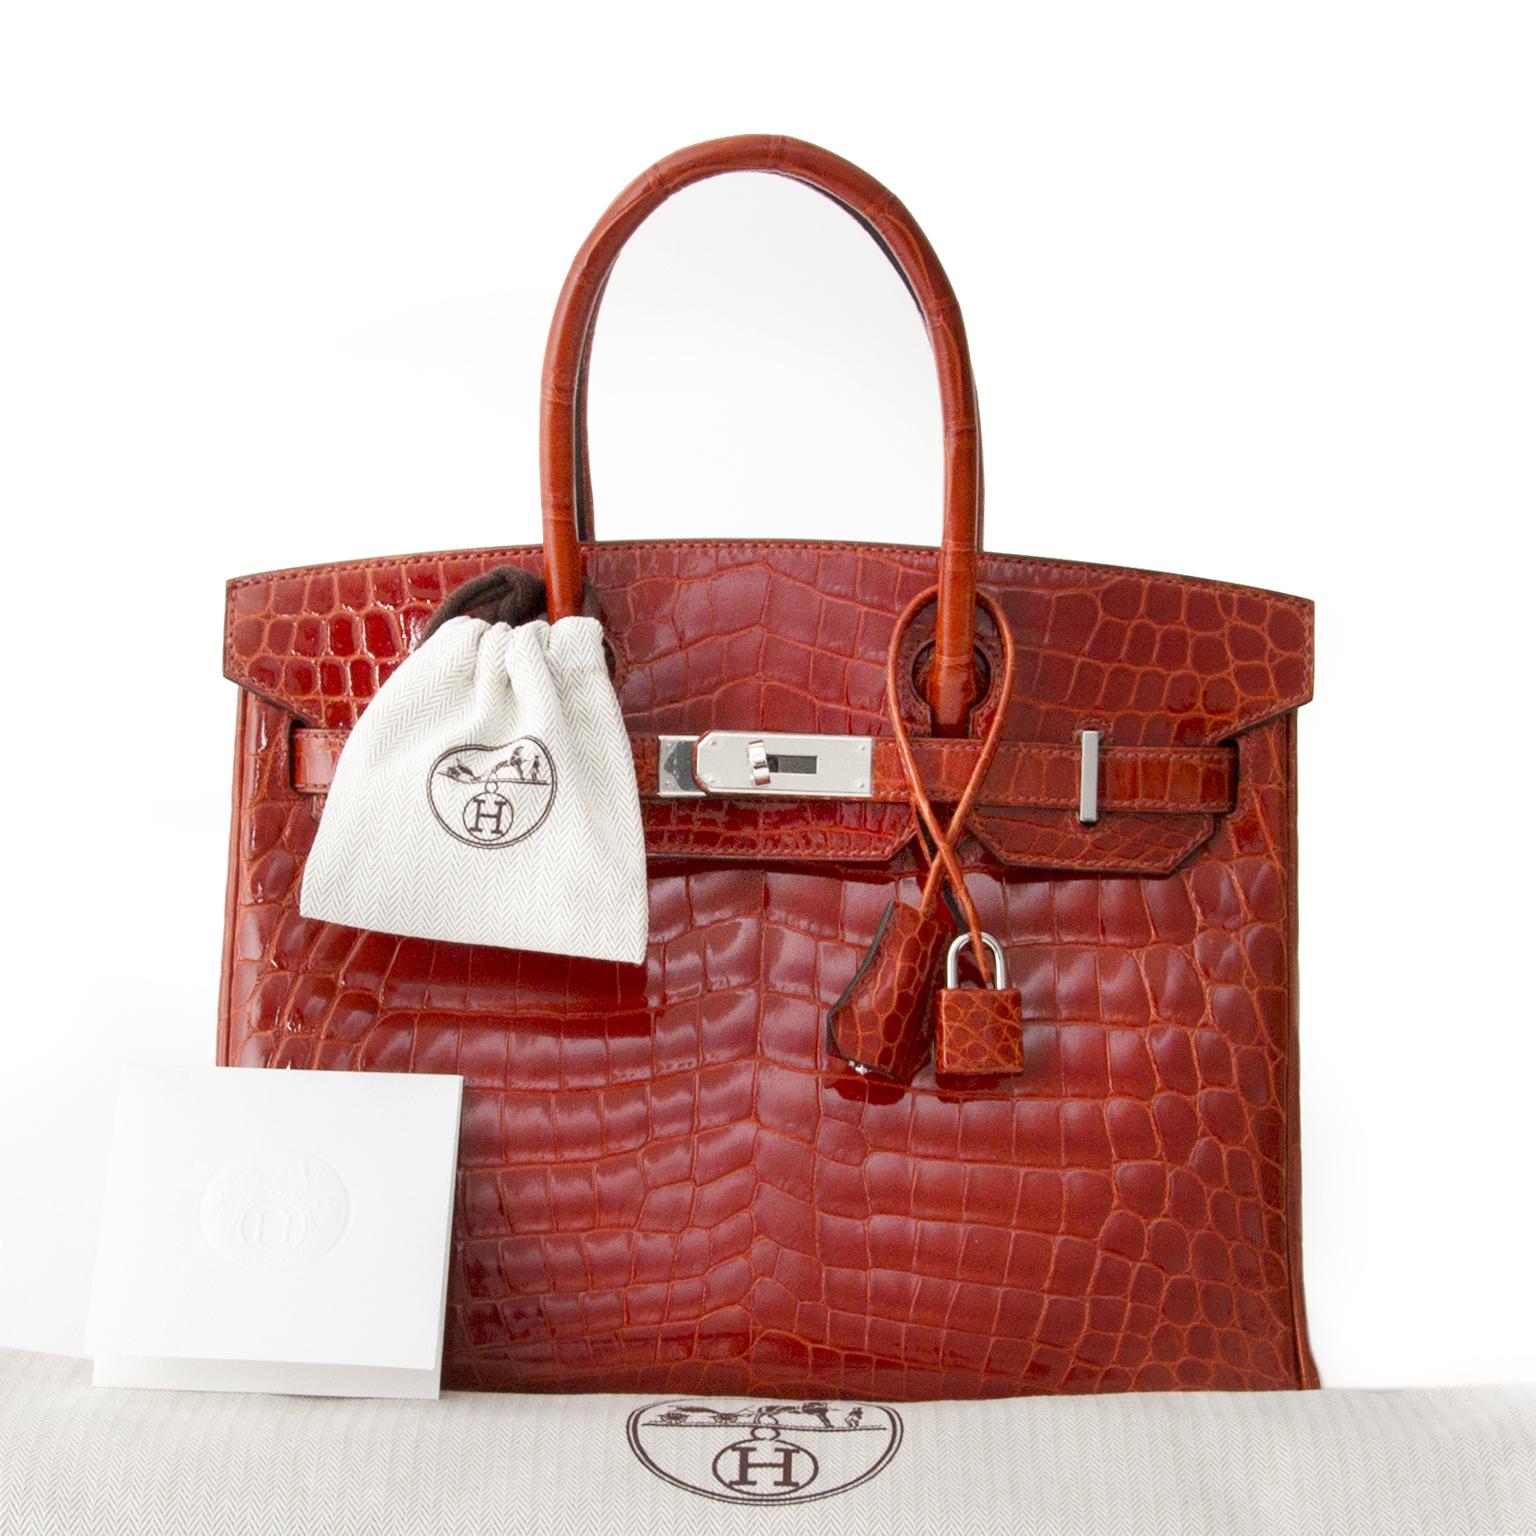 acheter en linge seconde main sac a main Brand New Hermès Birkin 30 Sanguine Crocodile Niloticus Lisse comme neuf site en linge labellov.com